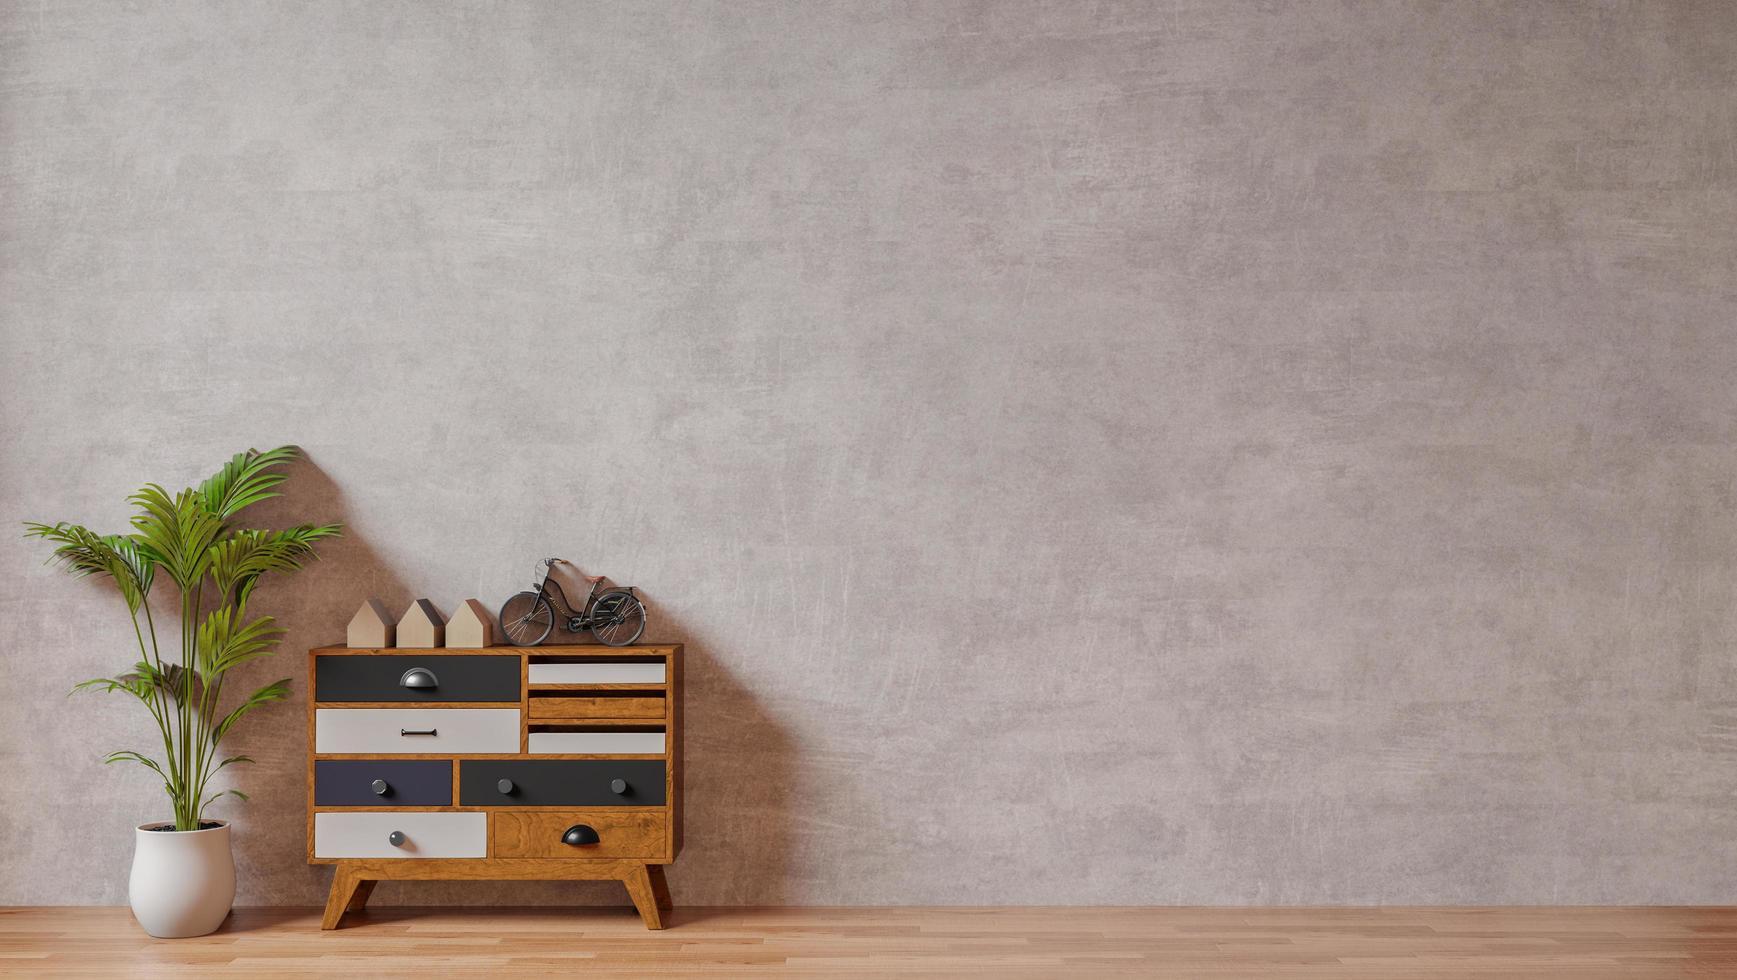 intérieur avec mur de béton brut et décor moderne photo